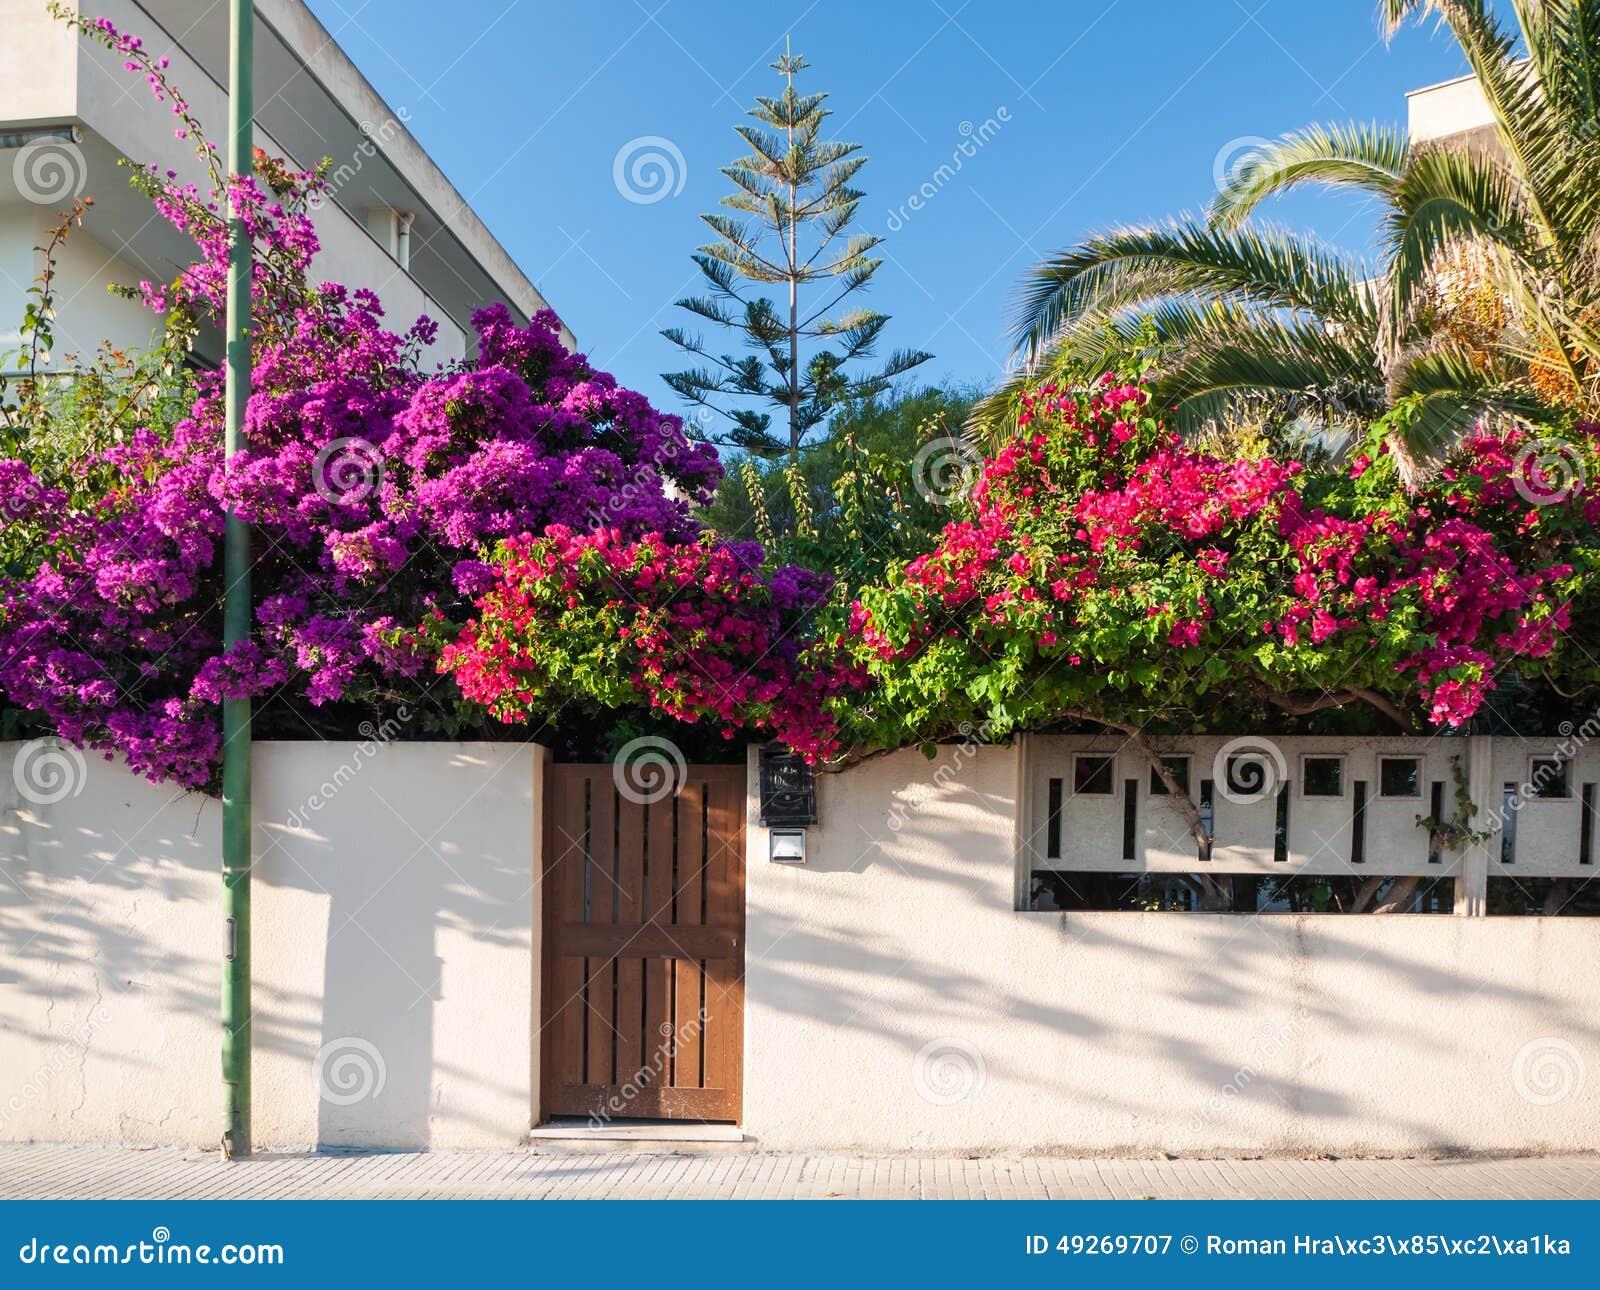 Image Result For Flower Decoration For Front Door